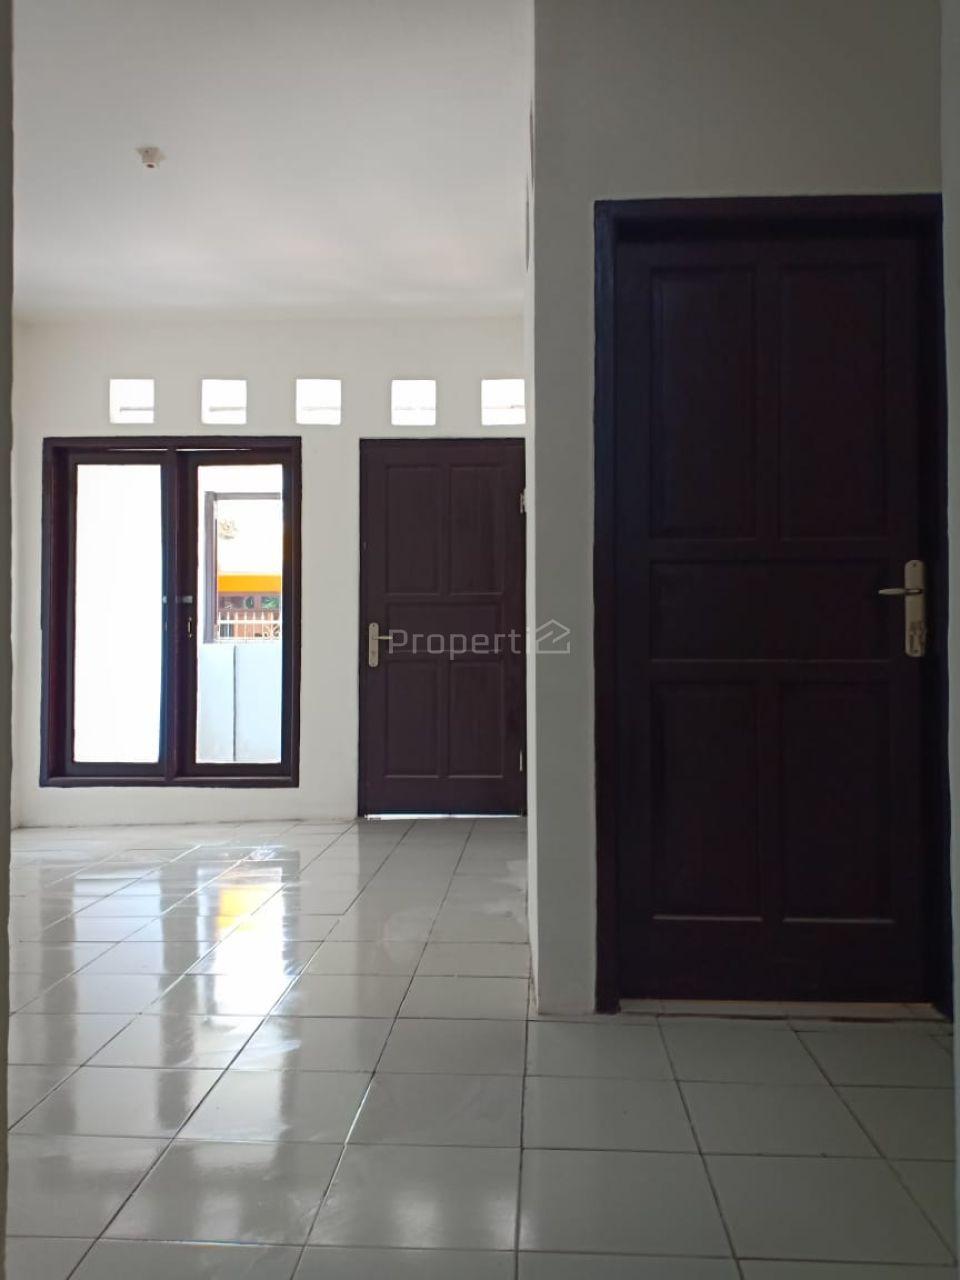 Rumah Strategis Dekat Pasar Parung Raya, Kab. Bogor